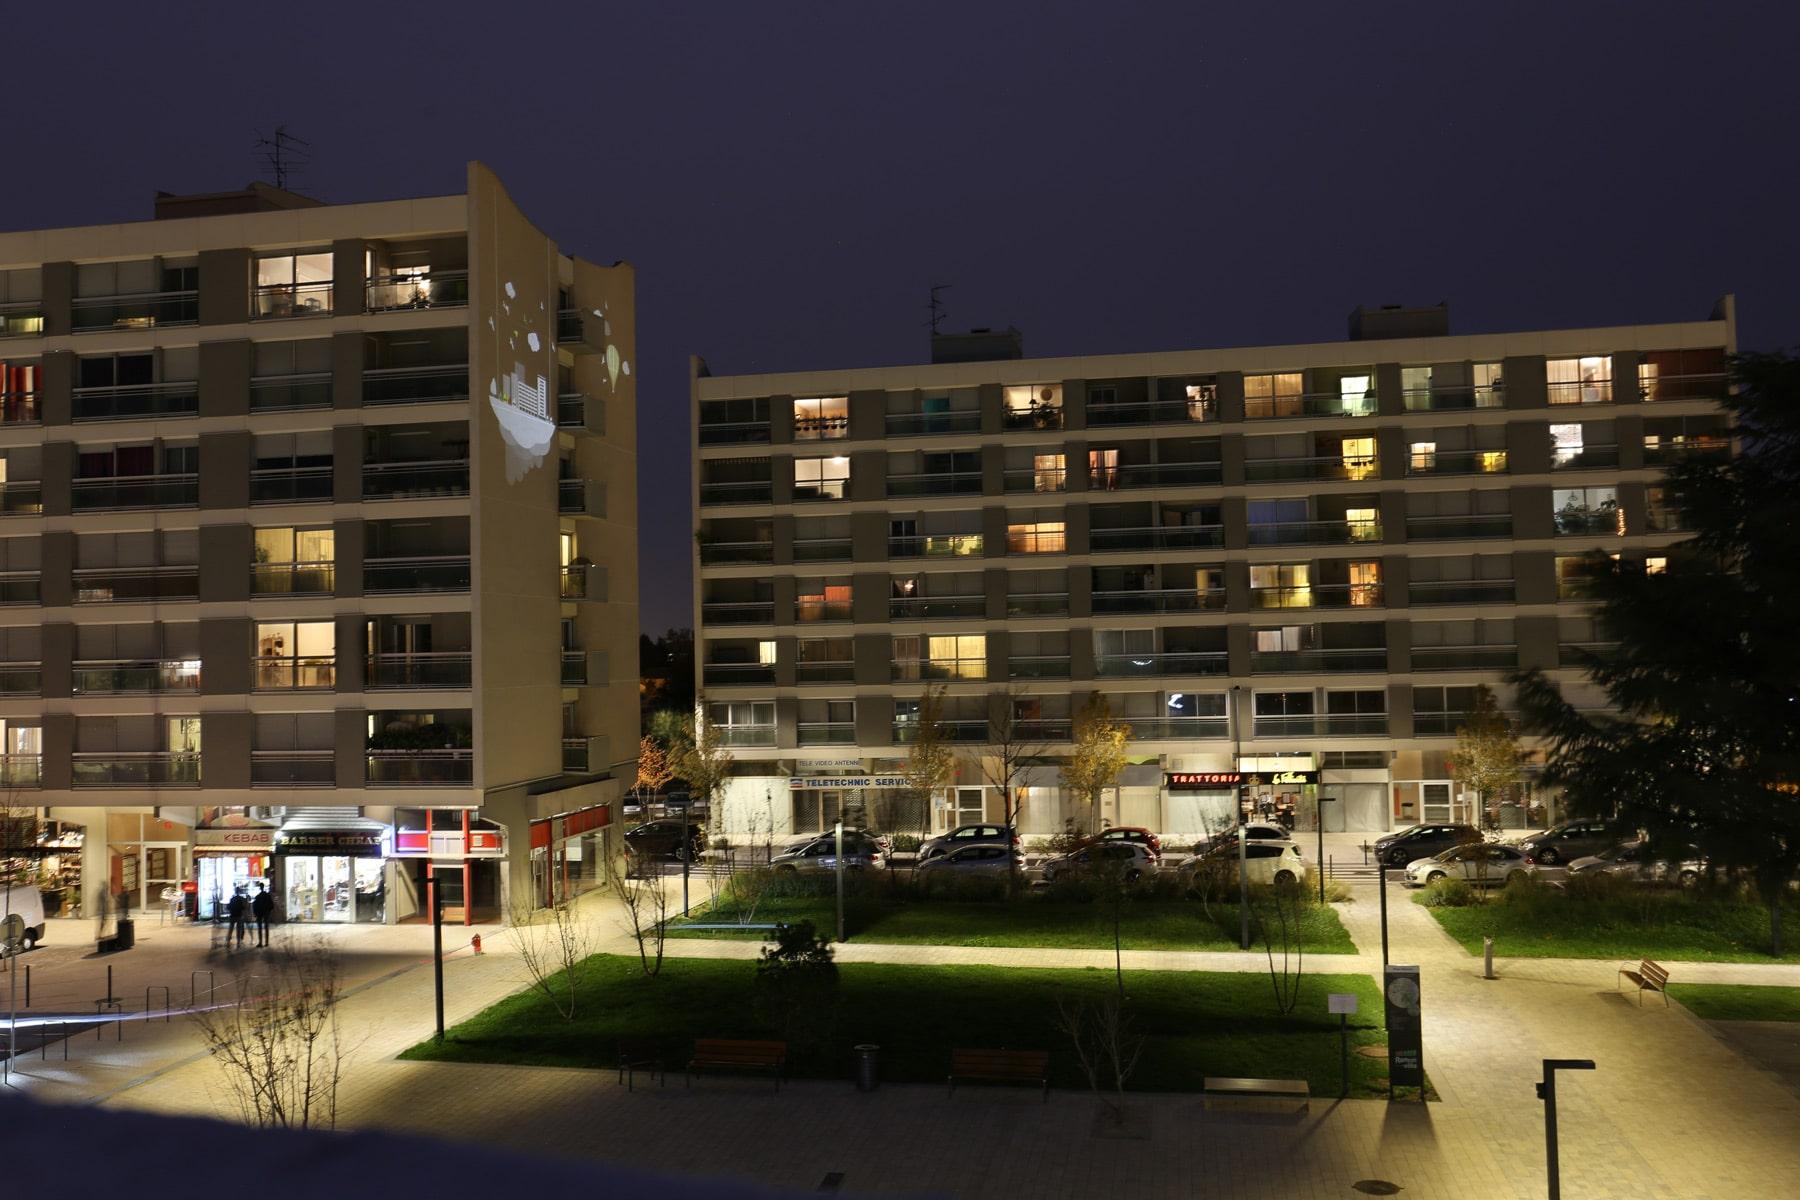 éclairage de la place Marnac à Ramonville